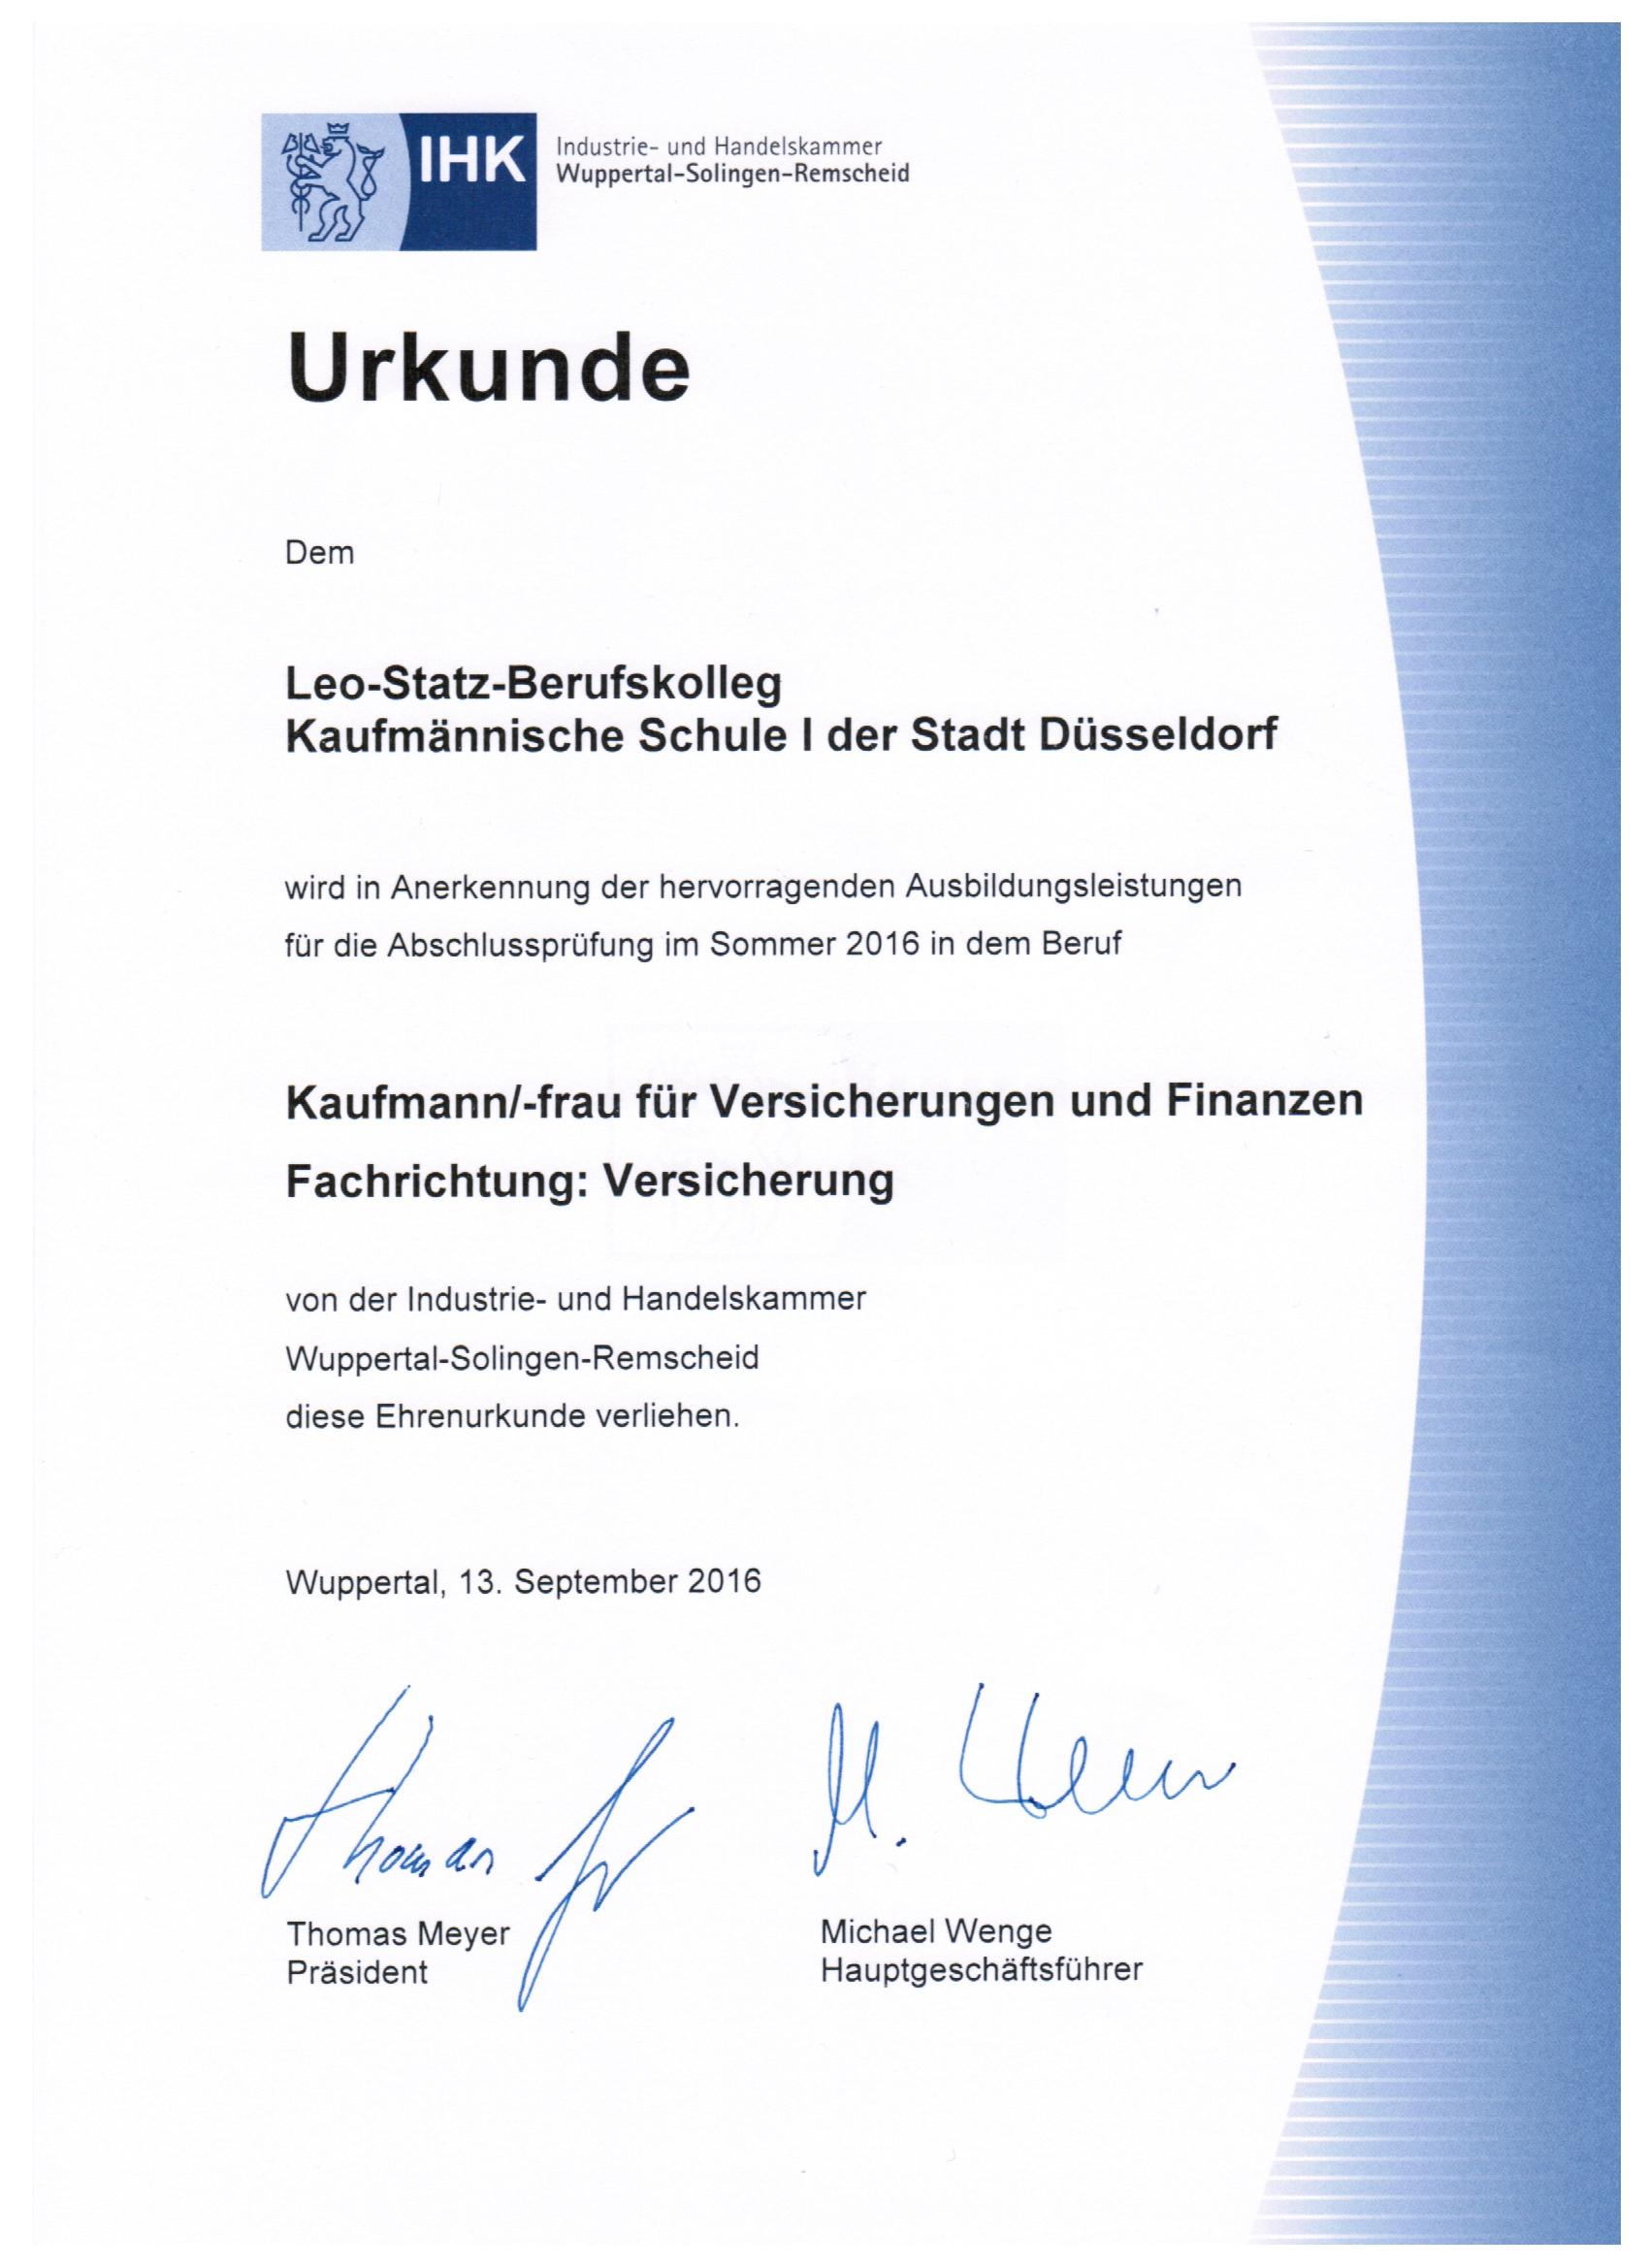 Kaufleute Fur Versicherungen Und Finanzen Leo Statz Berufskolleg